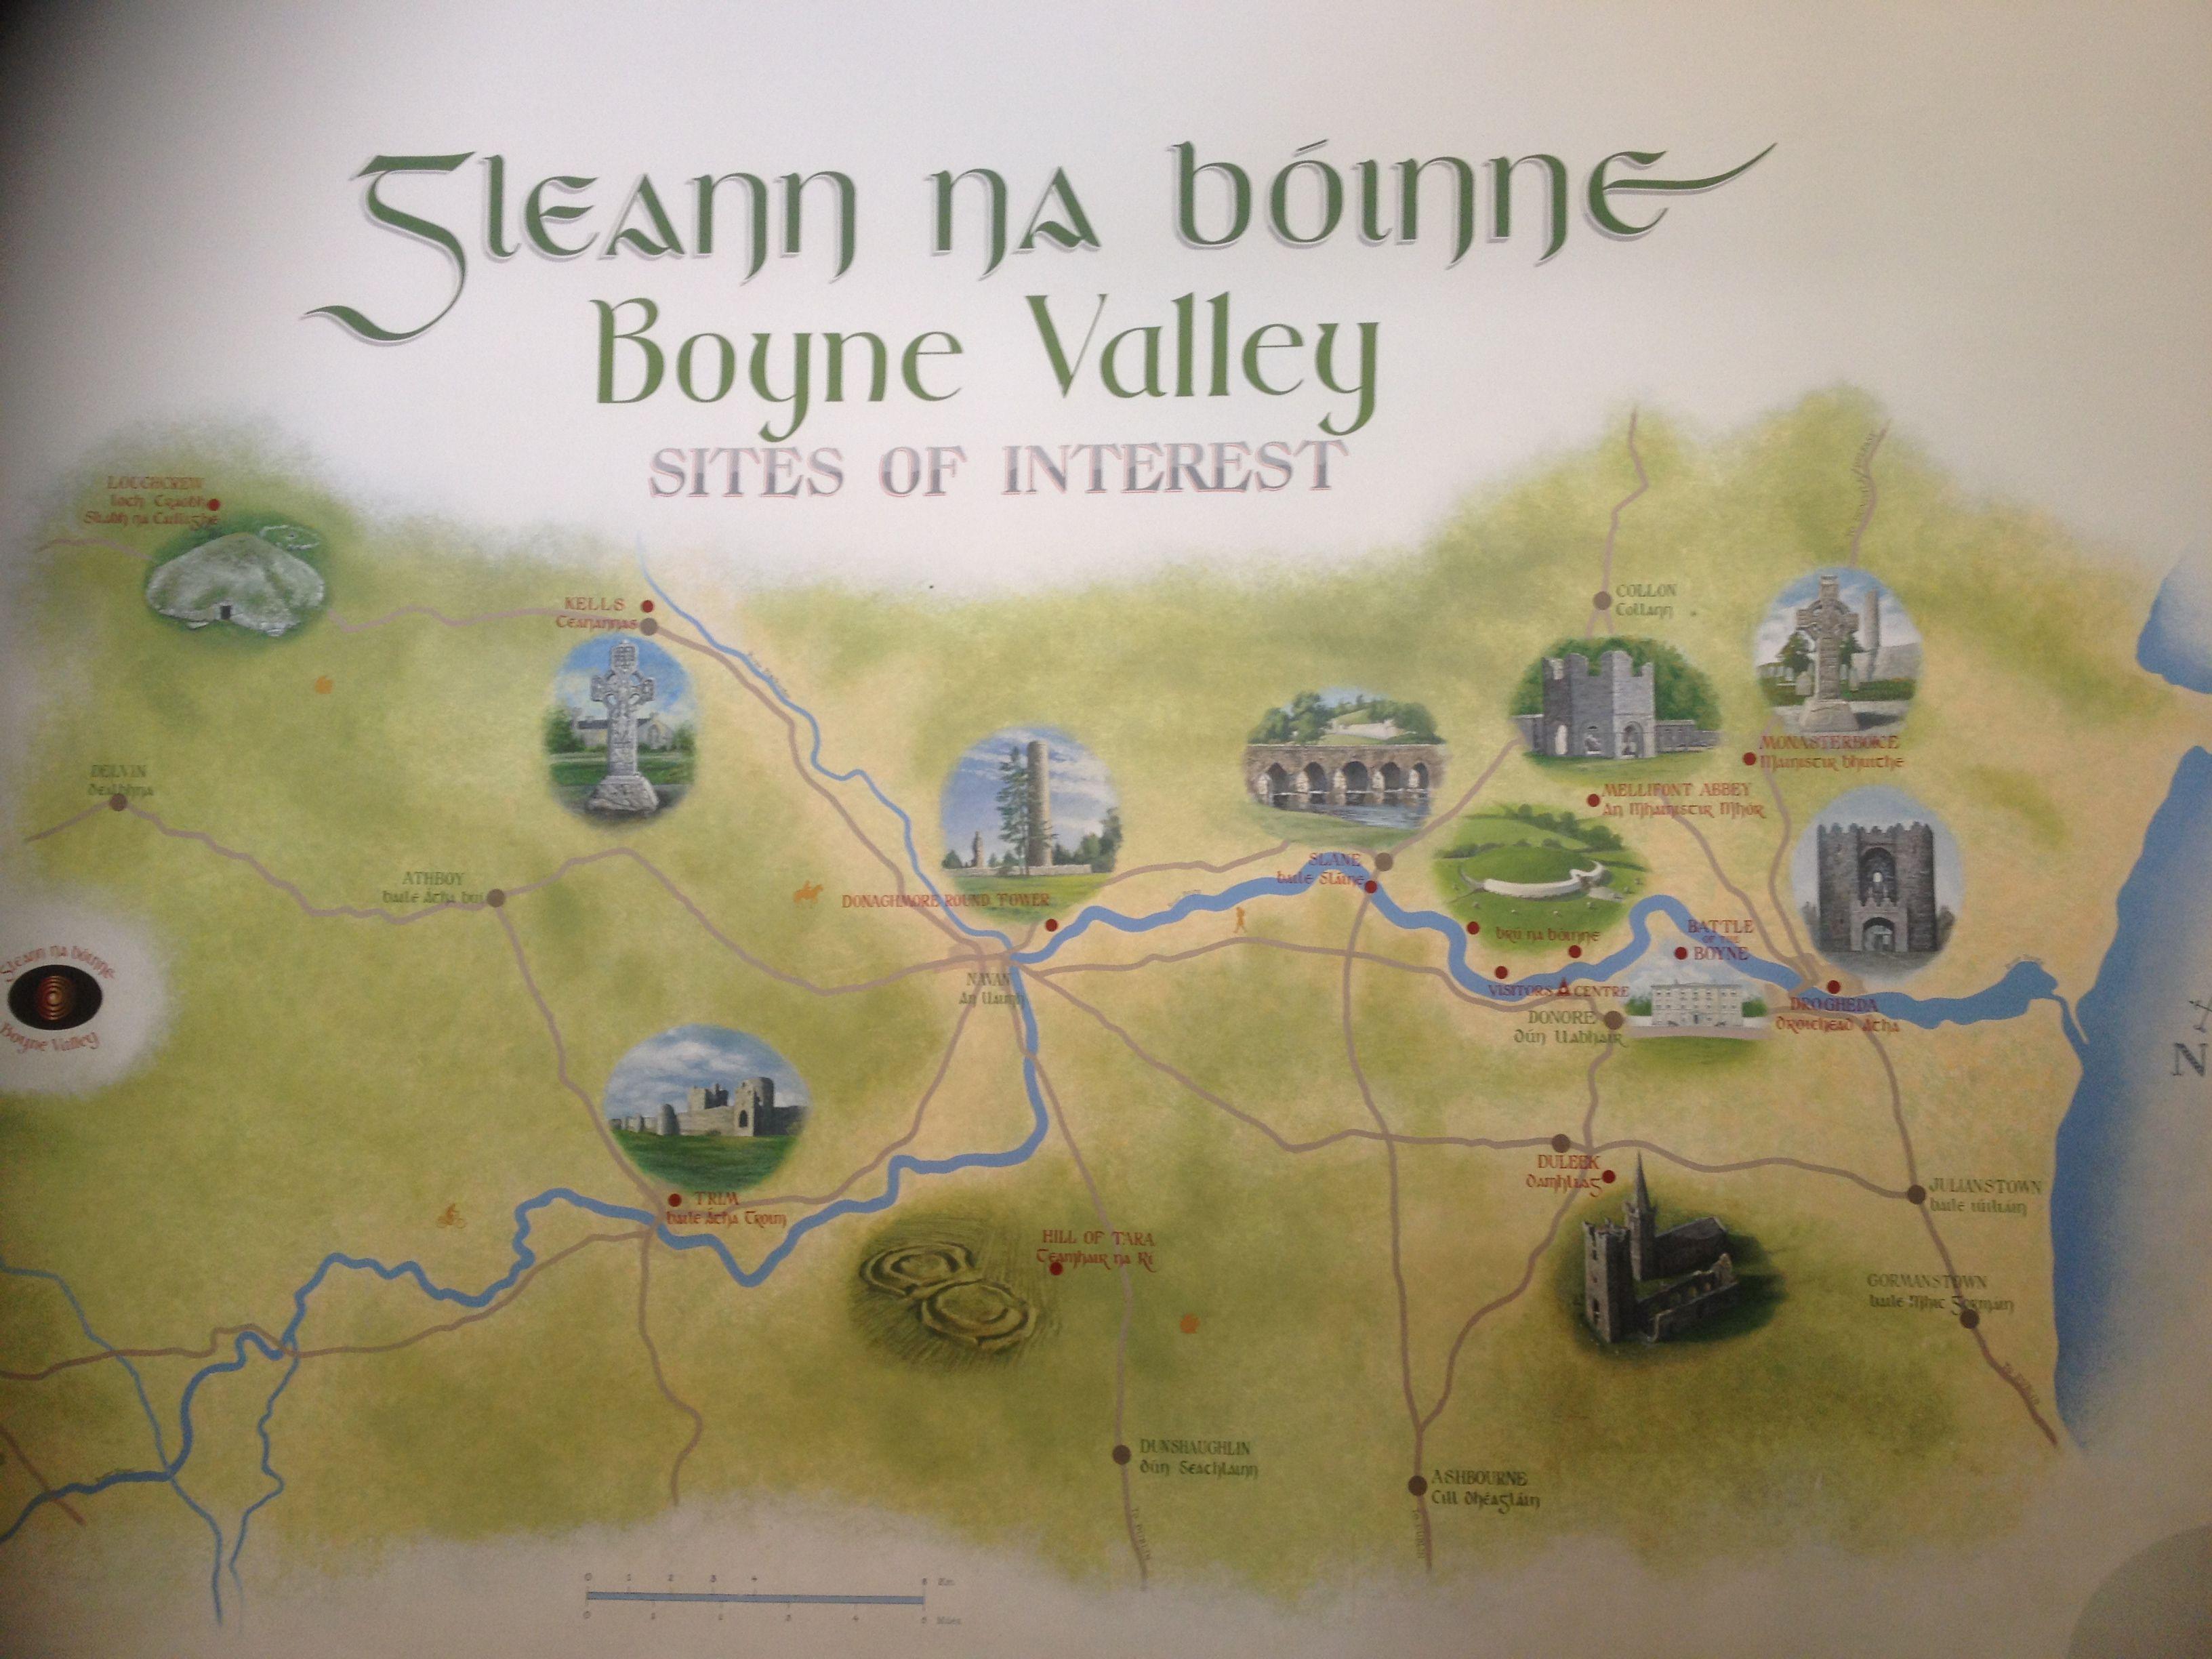 Photo Credit Celeste DunnBoyer Map of the Boyne Valley inside